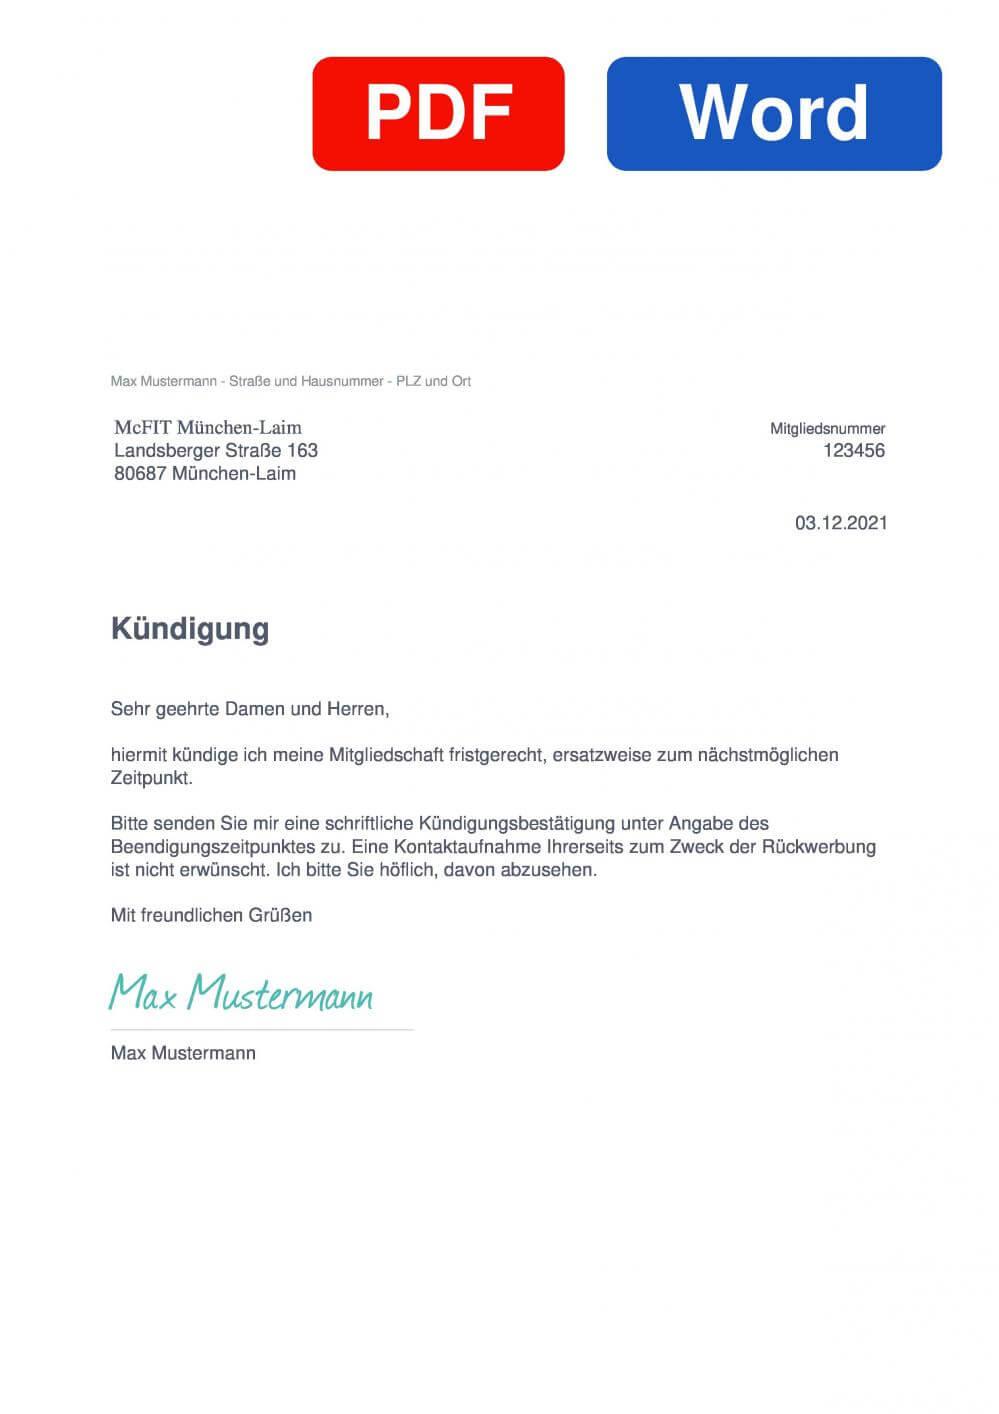 McFIT München-Laim Muster Vorlage für Kündigungsschreiben